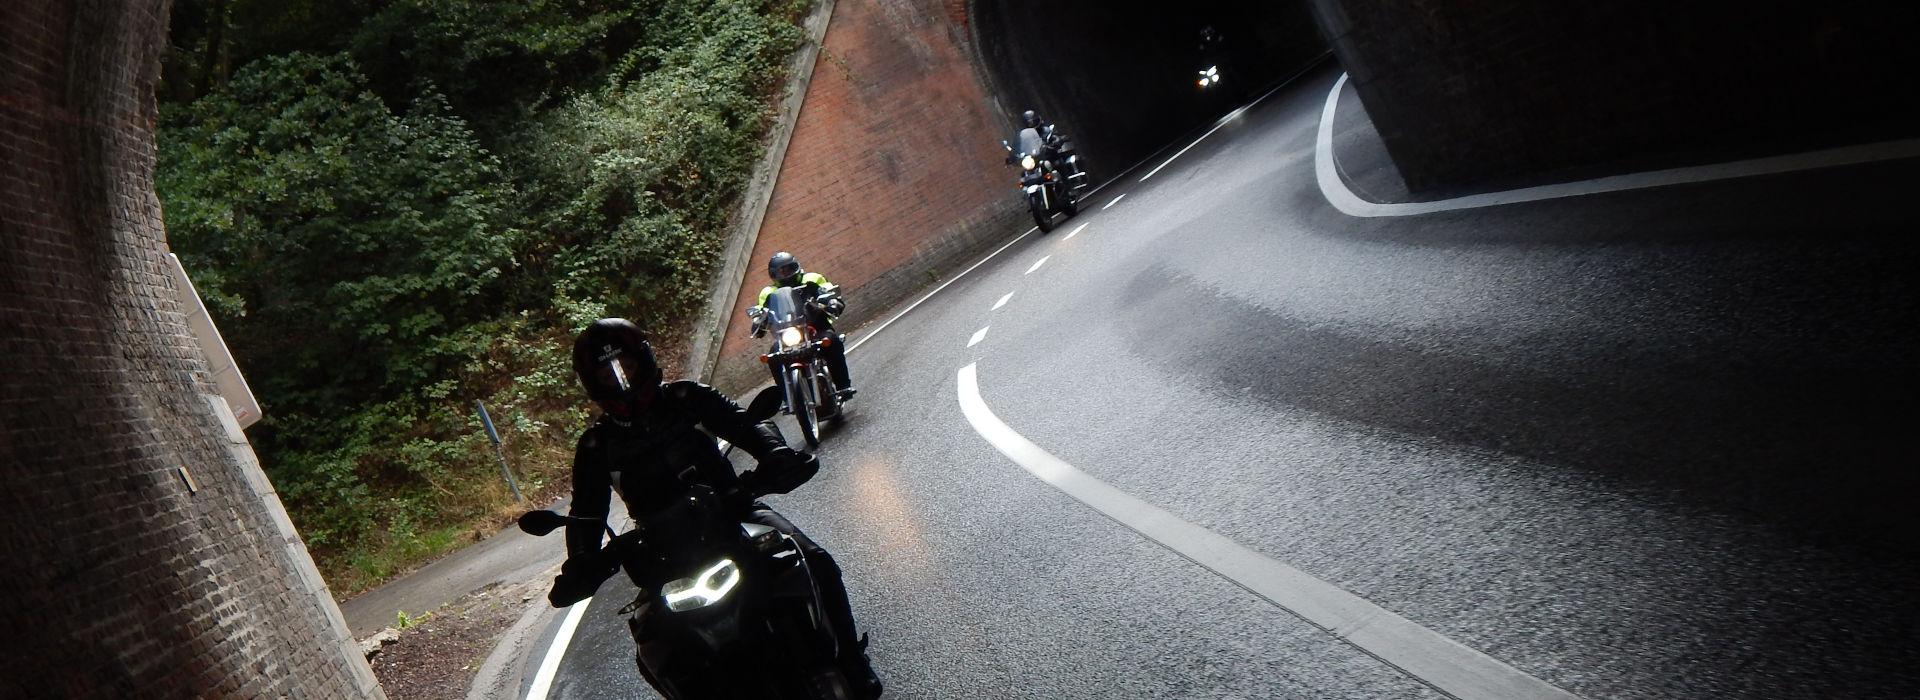 Motorrijbewijspoint Heenweg spoed motorrijbewijs